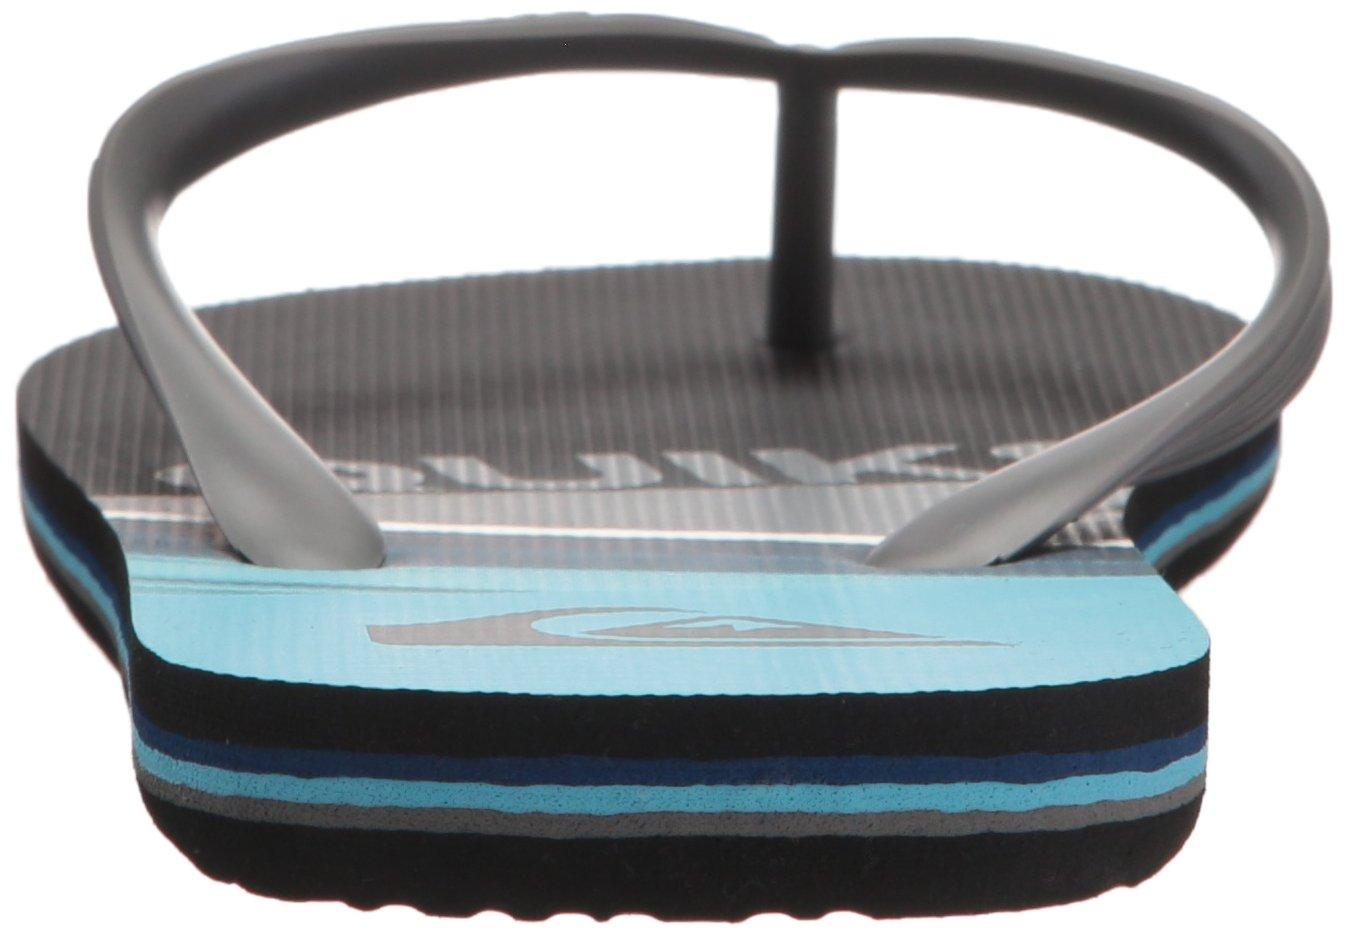 Quiksilver Men's Molokai Slash Sandal, Black/Grey/Blue, 6 D US by Quiksilver (Image #2)